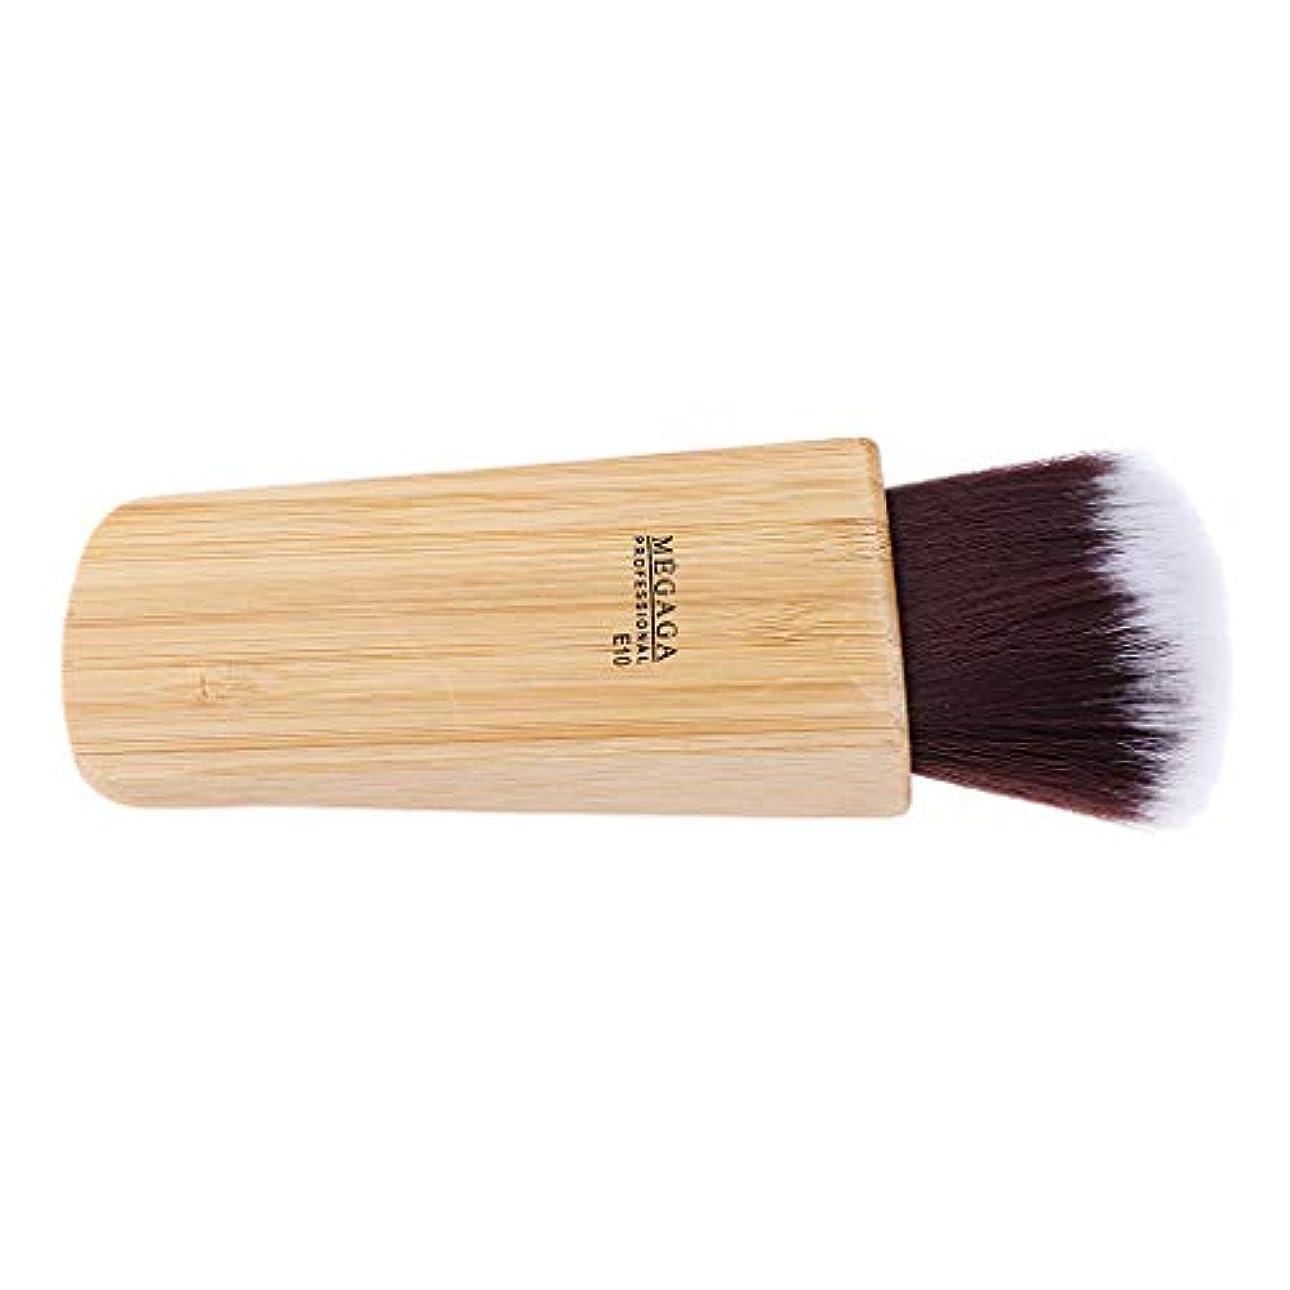 受け入れた褒賞つまずくネックダスターブラシ ヘアカット ブラシ ネックダスター 洗浄 ヘアブラシ 理髪美容ツール